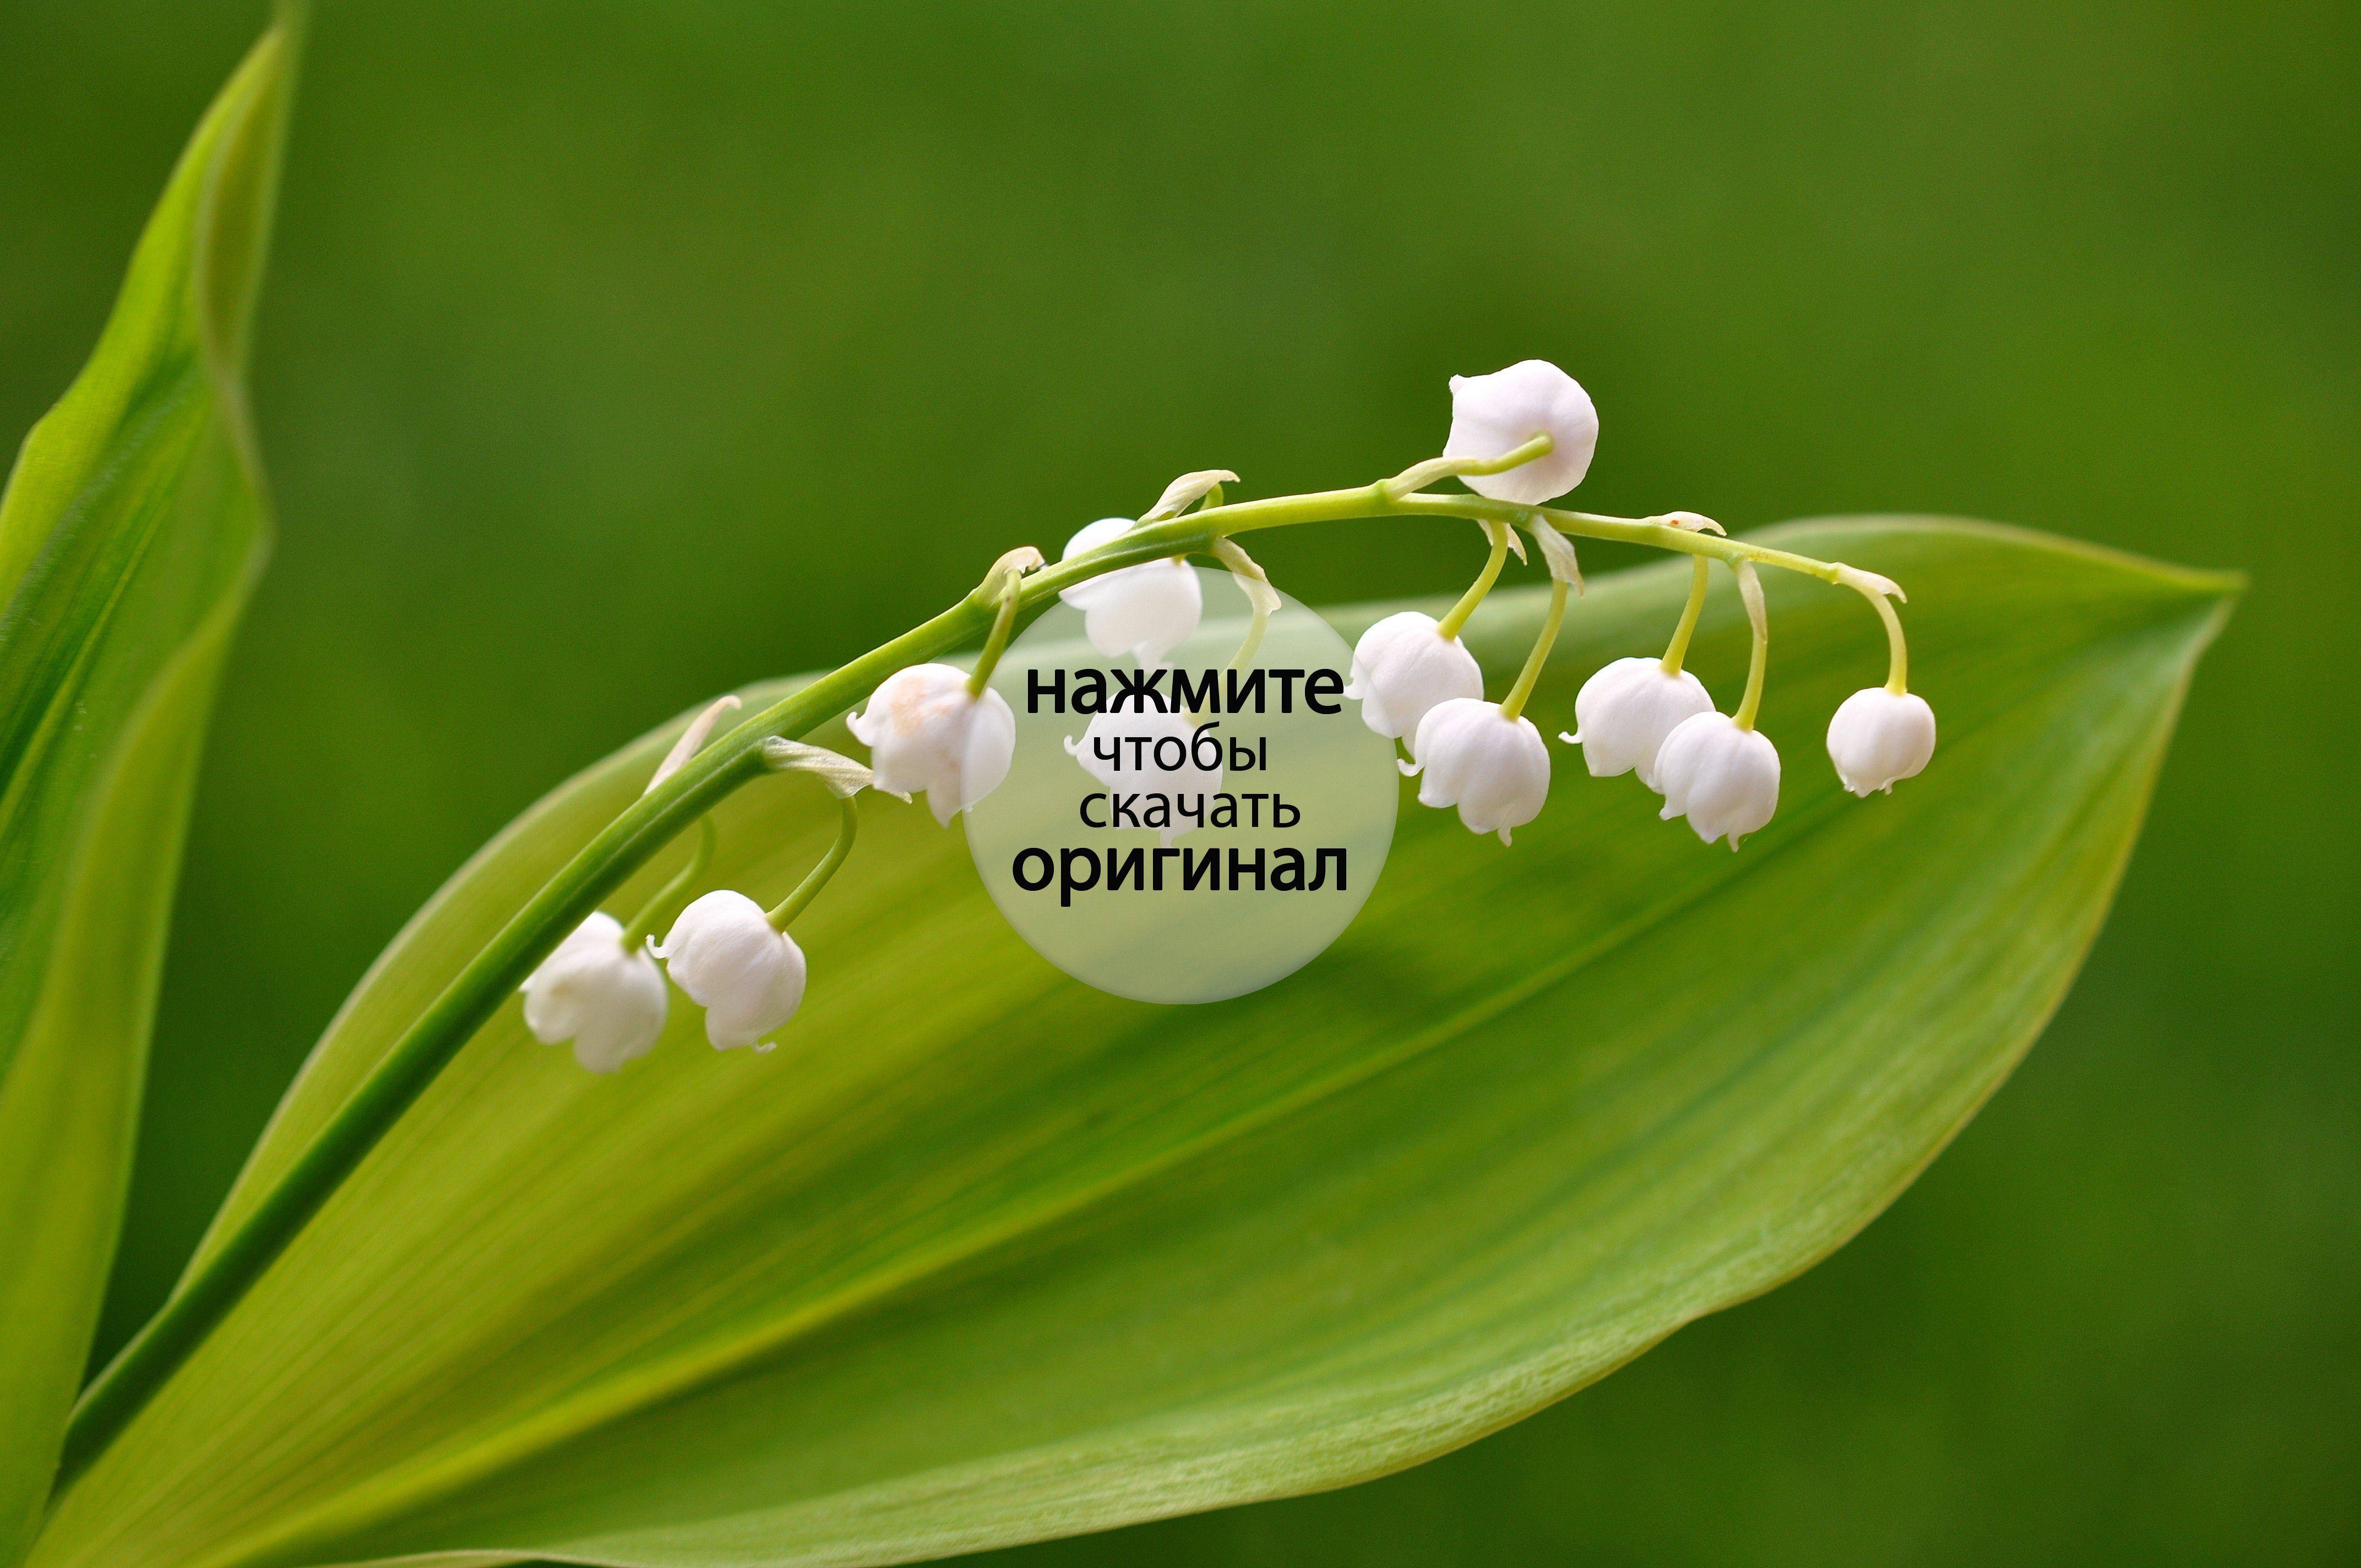 Цветы белые ландыши  № 1608815 бесплатно